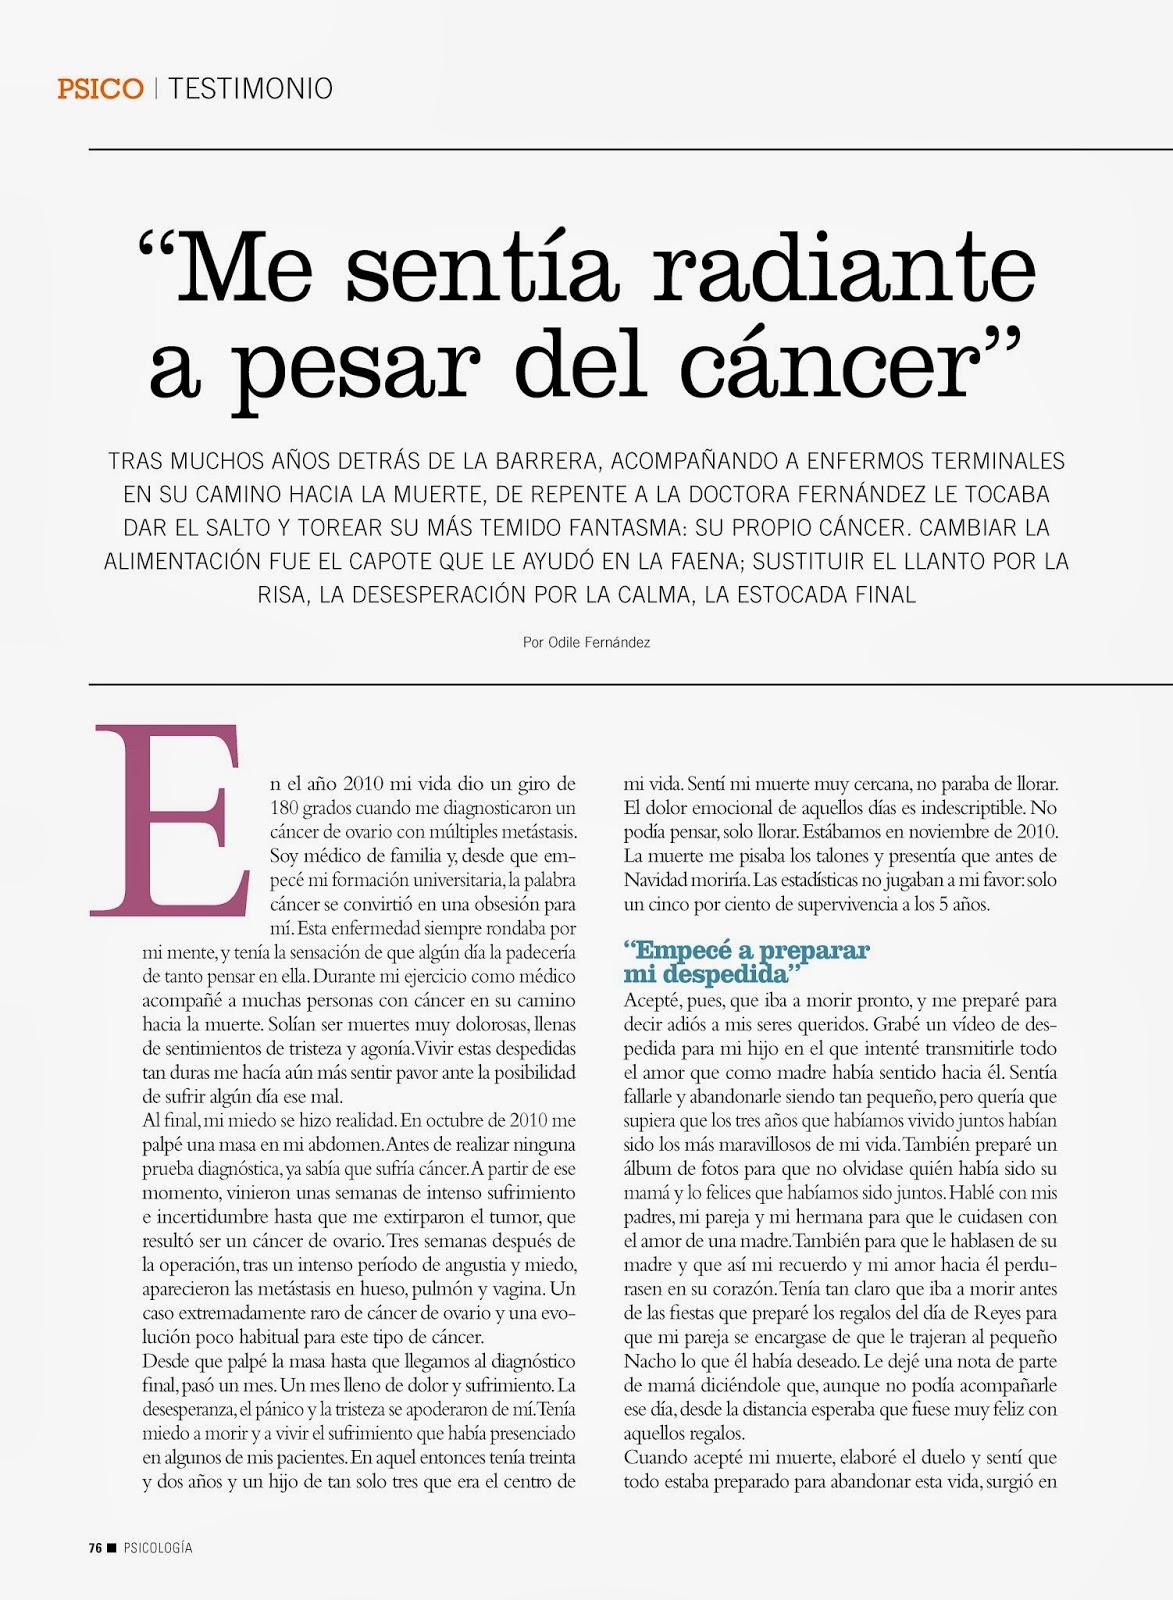 Testimonio de Odile Fernández cf0c8278ccee